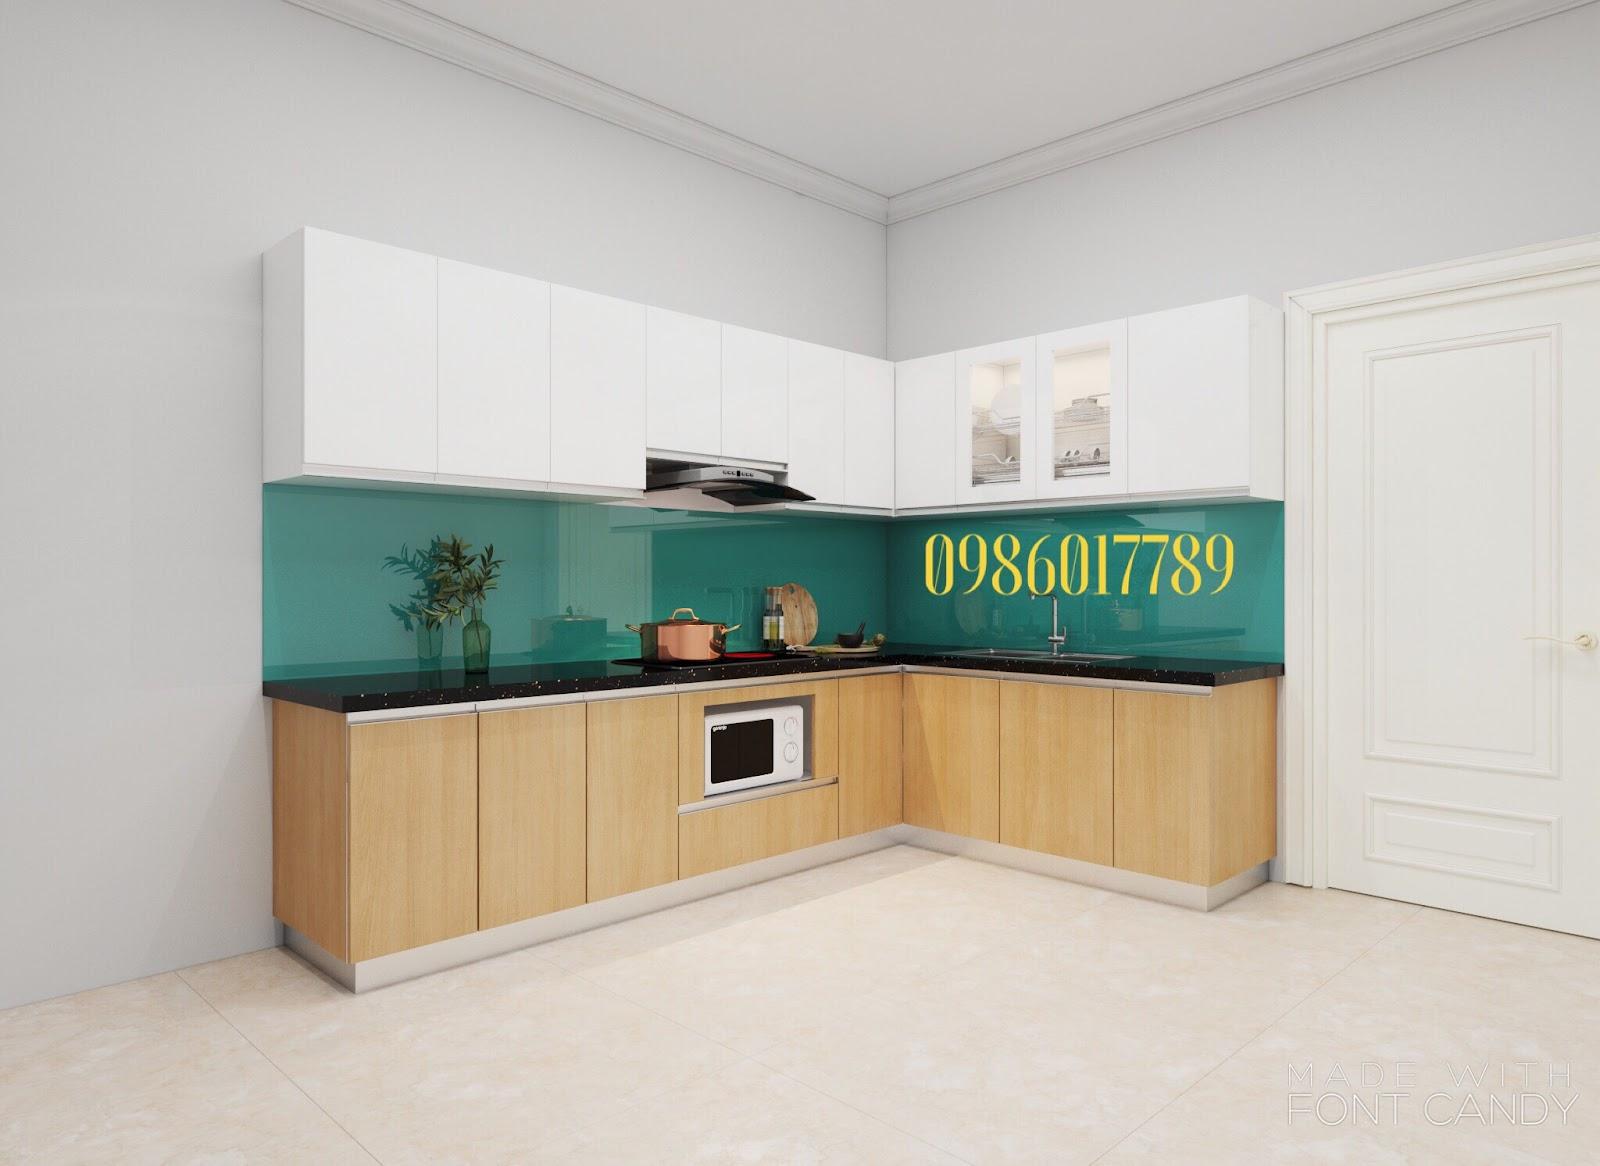 kinh nghiệm chọn tủ bếp Hải Phòng